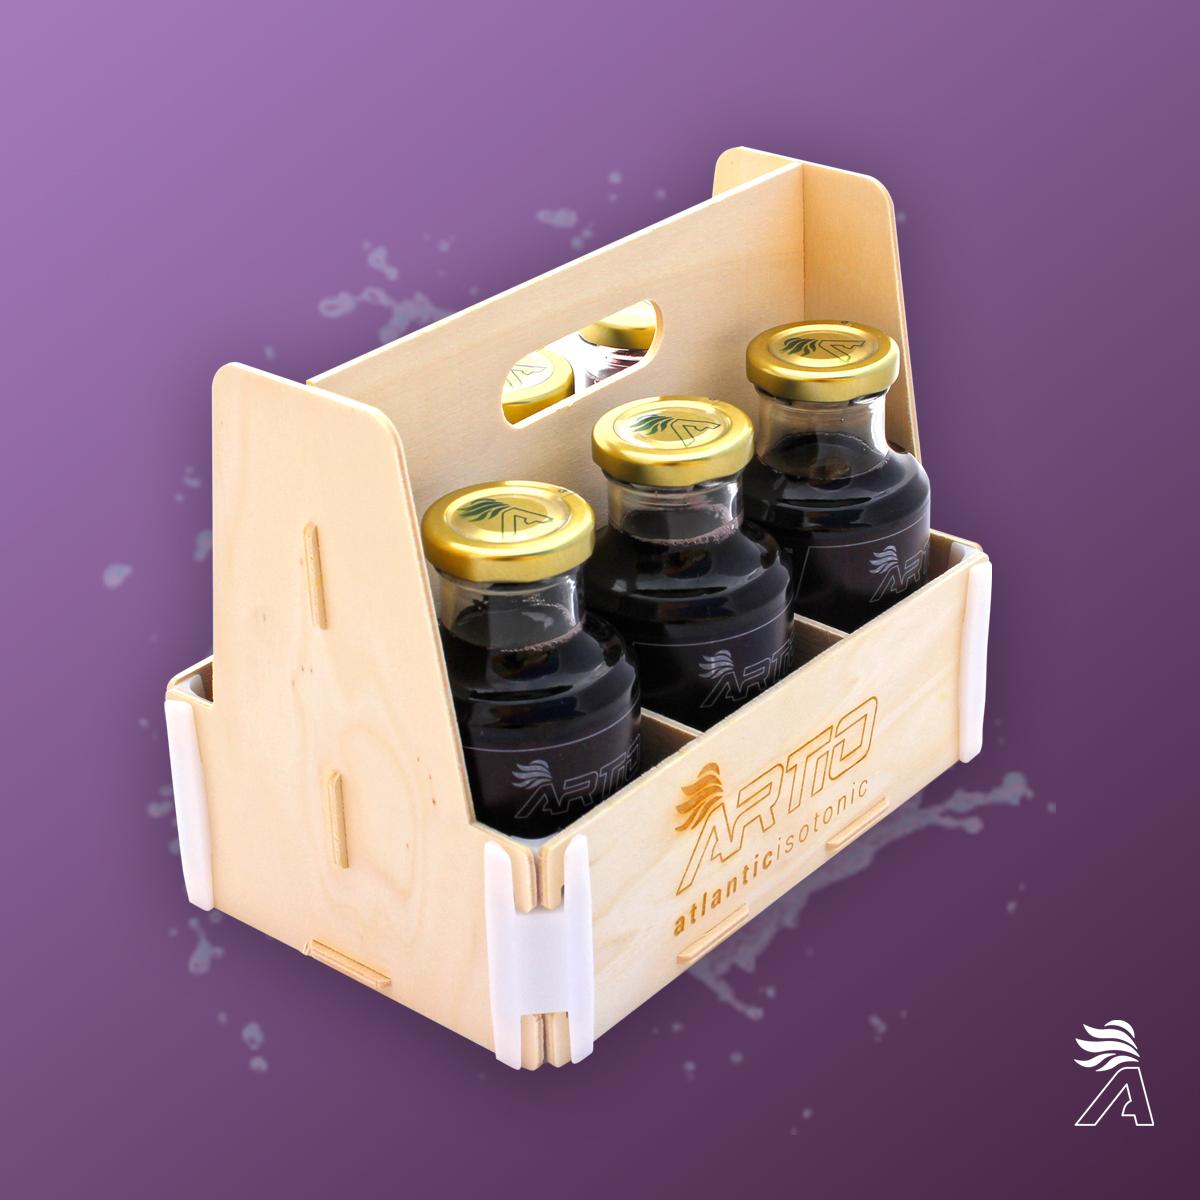 compra online de zumo de arándanos artesanal